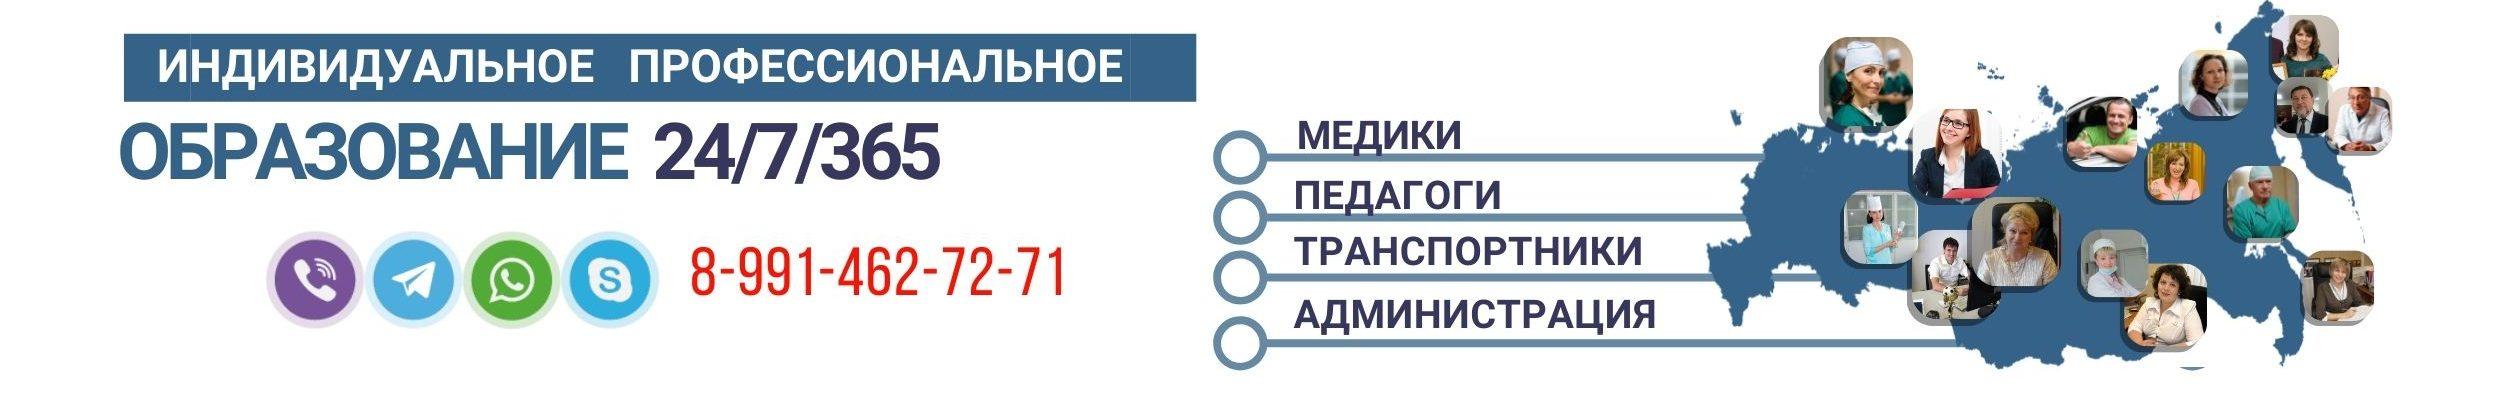 МЦ НПО 12